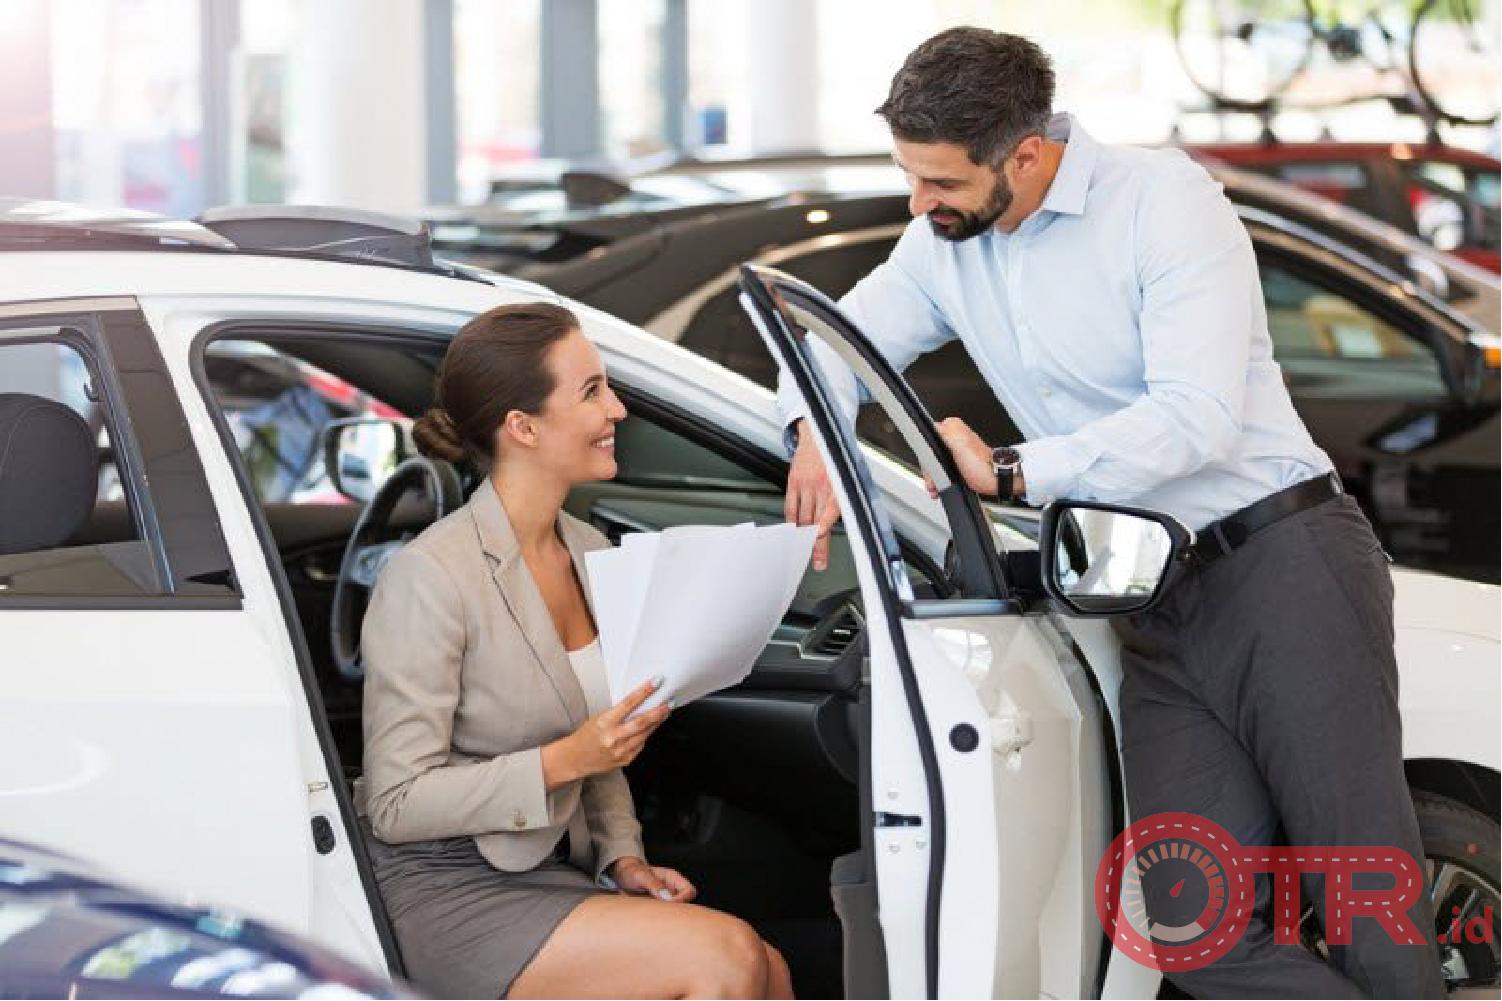 Beli Mobil Baru? Pilih DP Ringan Atau Cicilan Ringan? OTR.id